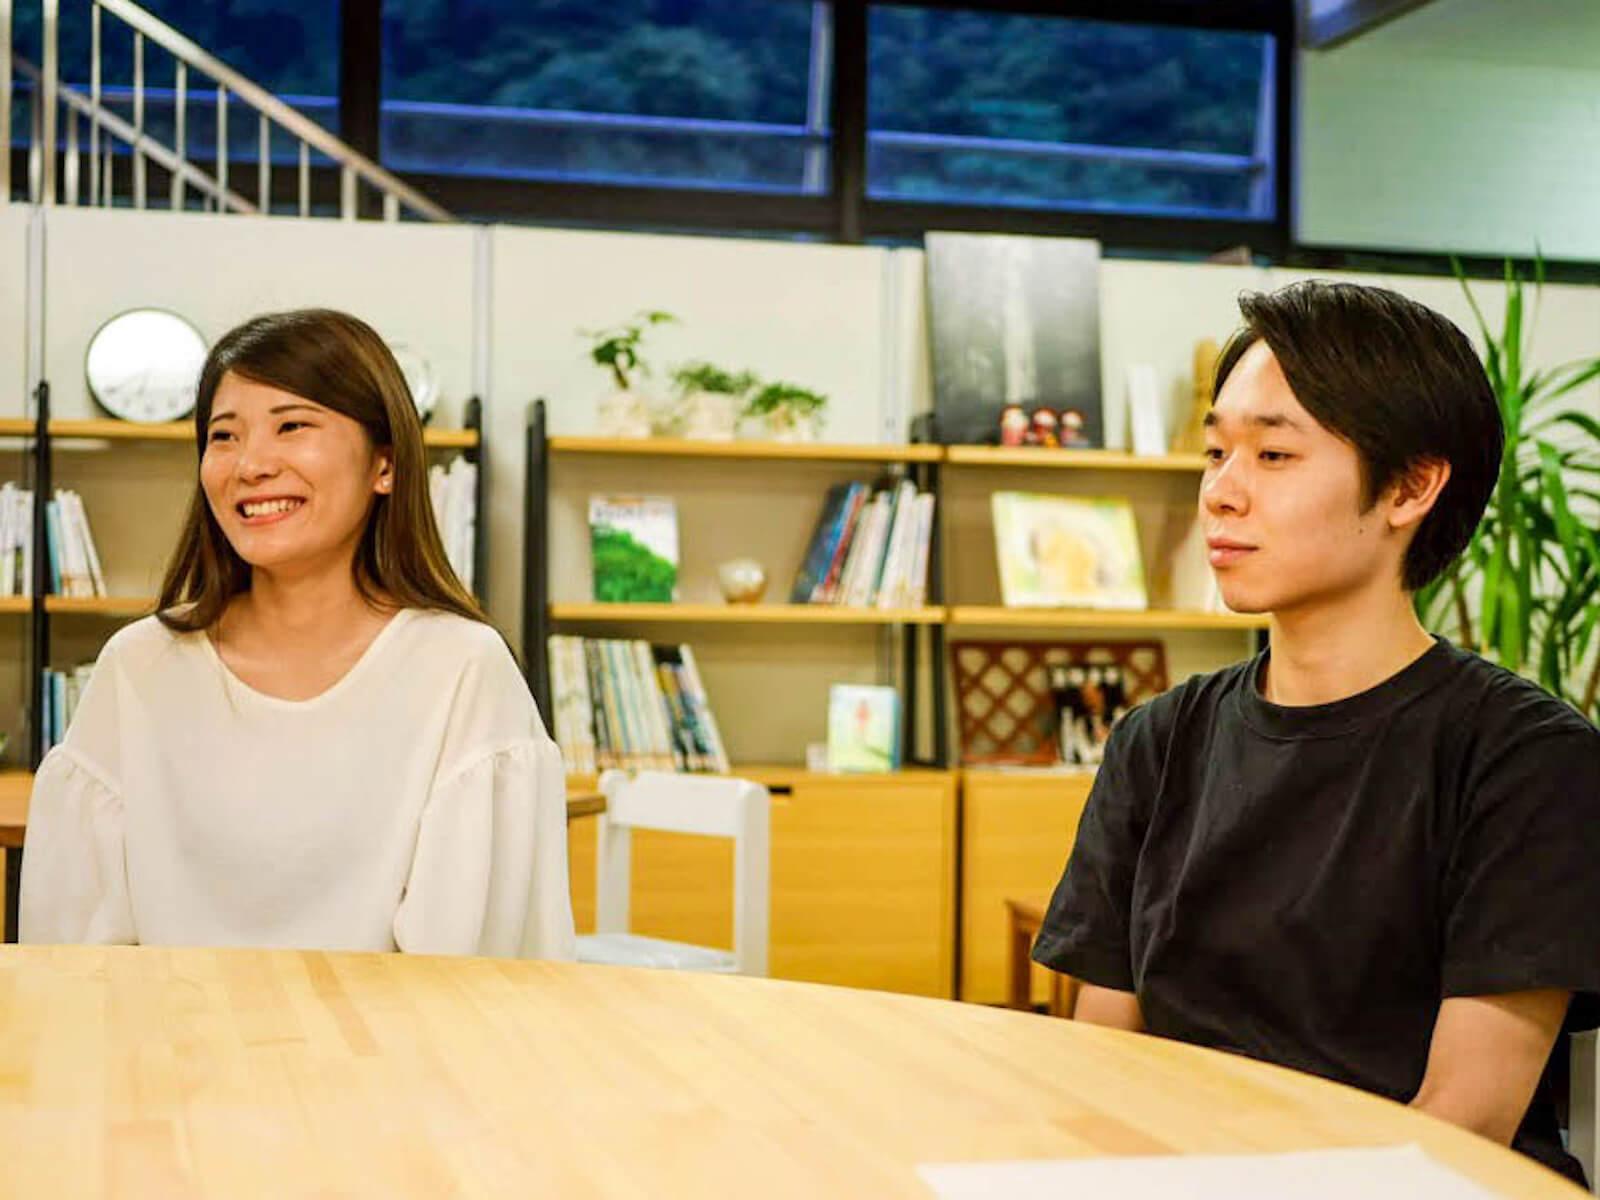 長期学外学修プログラムで地域と関わるようになった遠藤さん(左)と五十嵐さん(右)